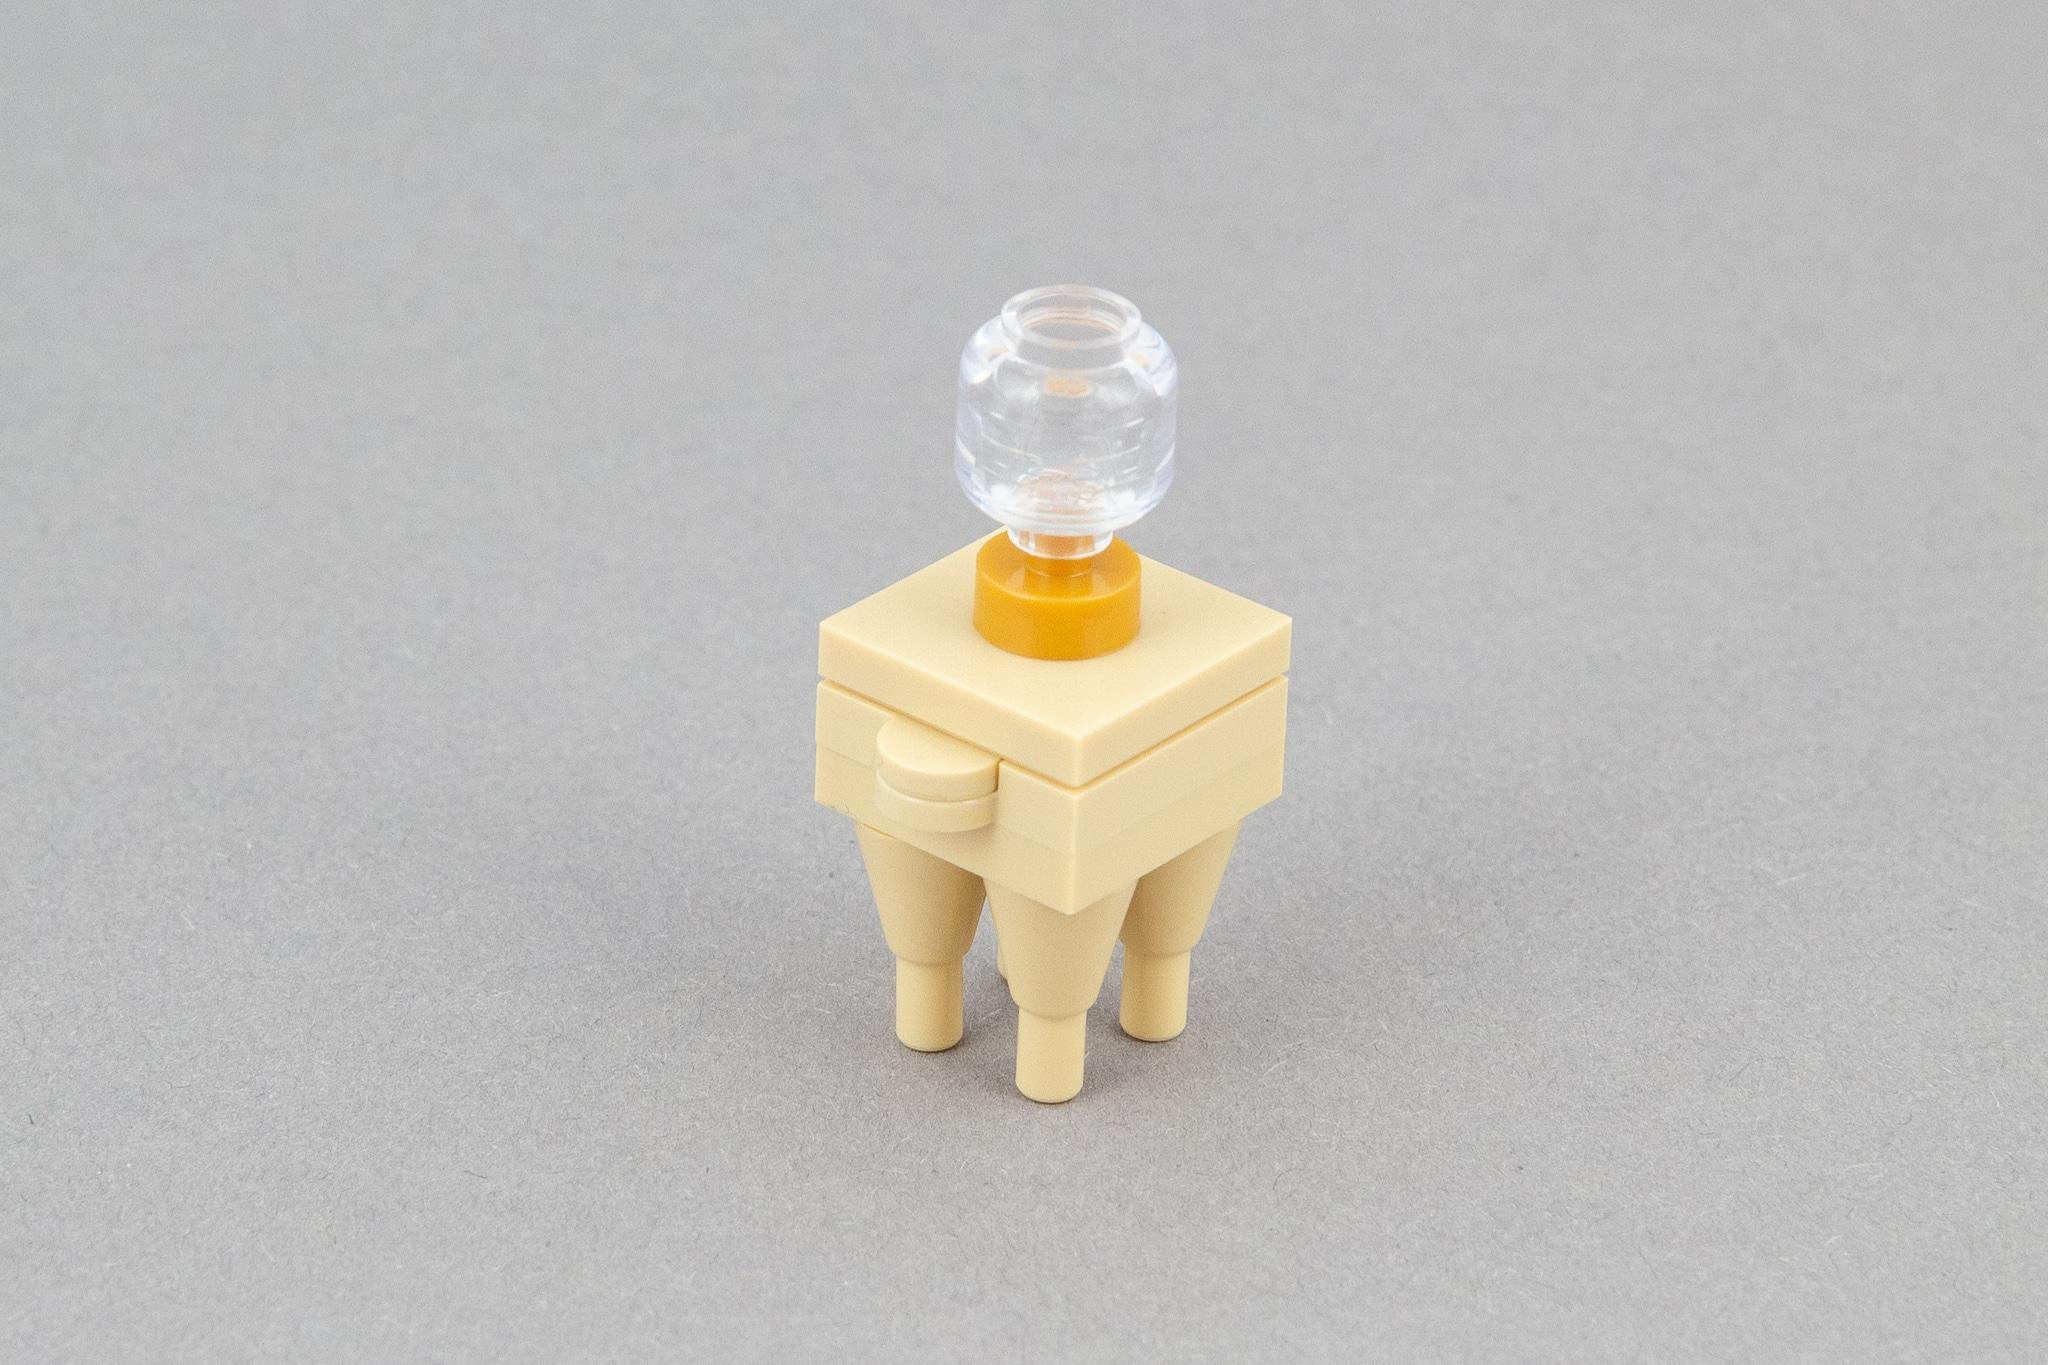 LEGO Schlafzimmer Moc Nachttisch (1)